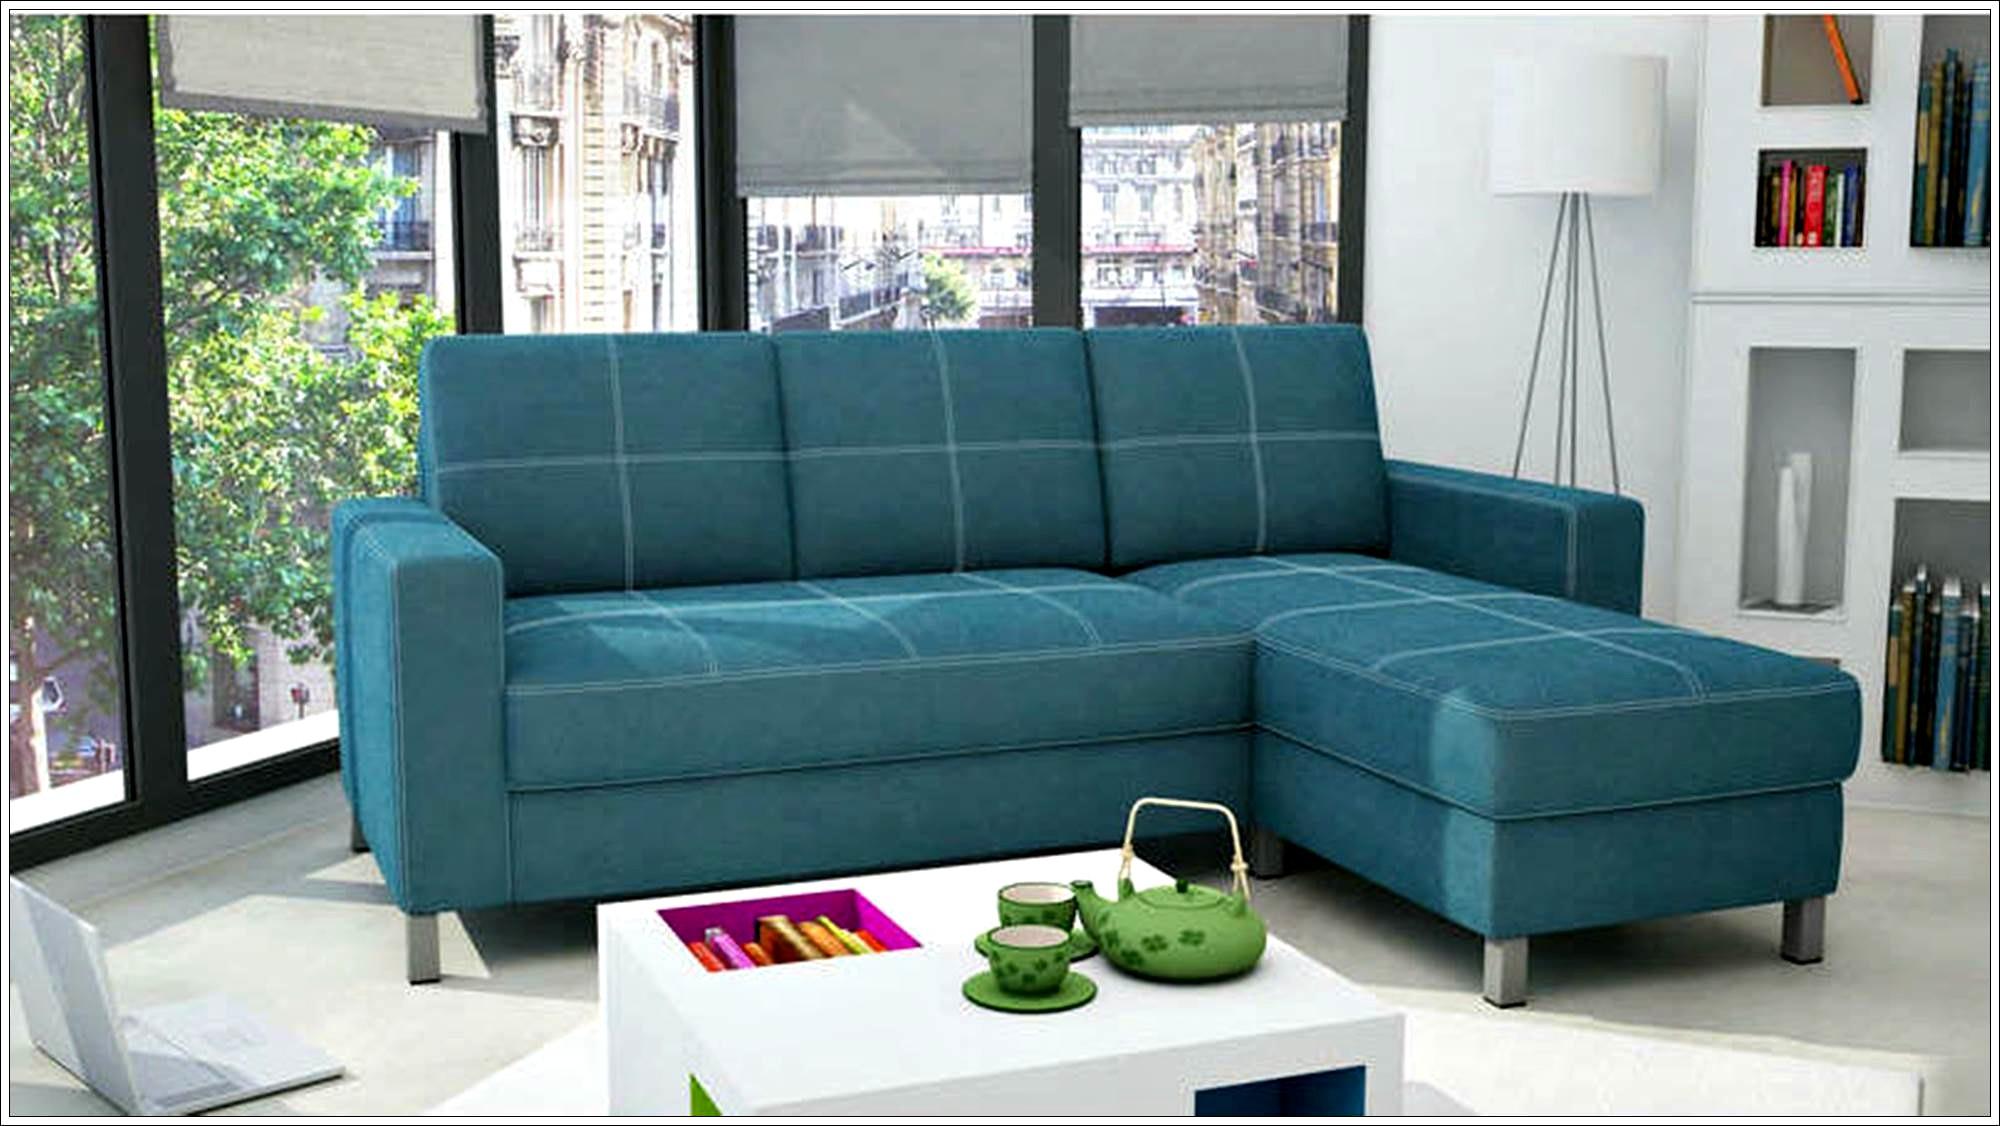 Plaid Pour Canape D Angle Inspirant Image Divan Pas Cher 35 Canape D Angle Conforama Idees De Decoration A